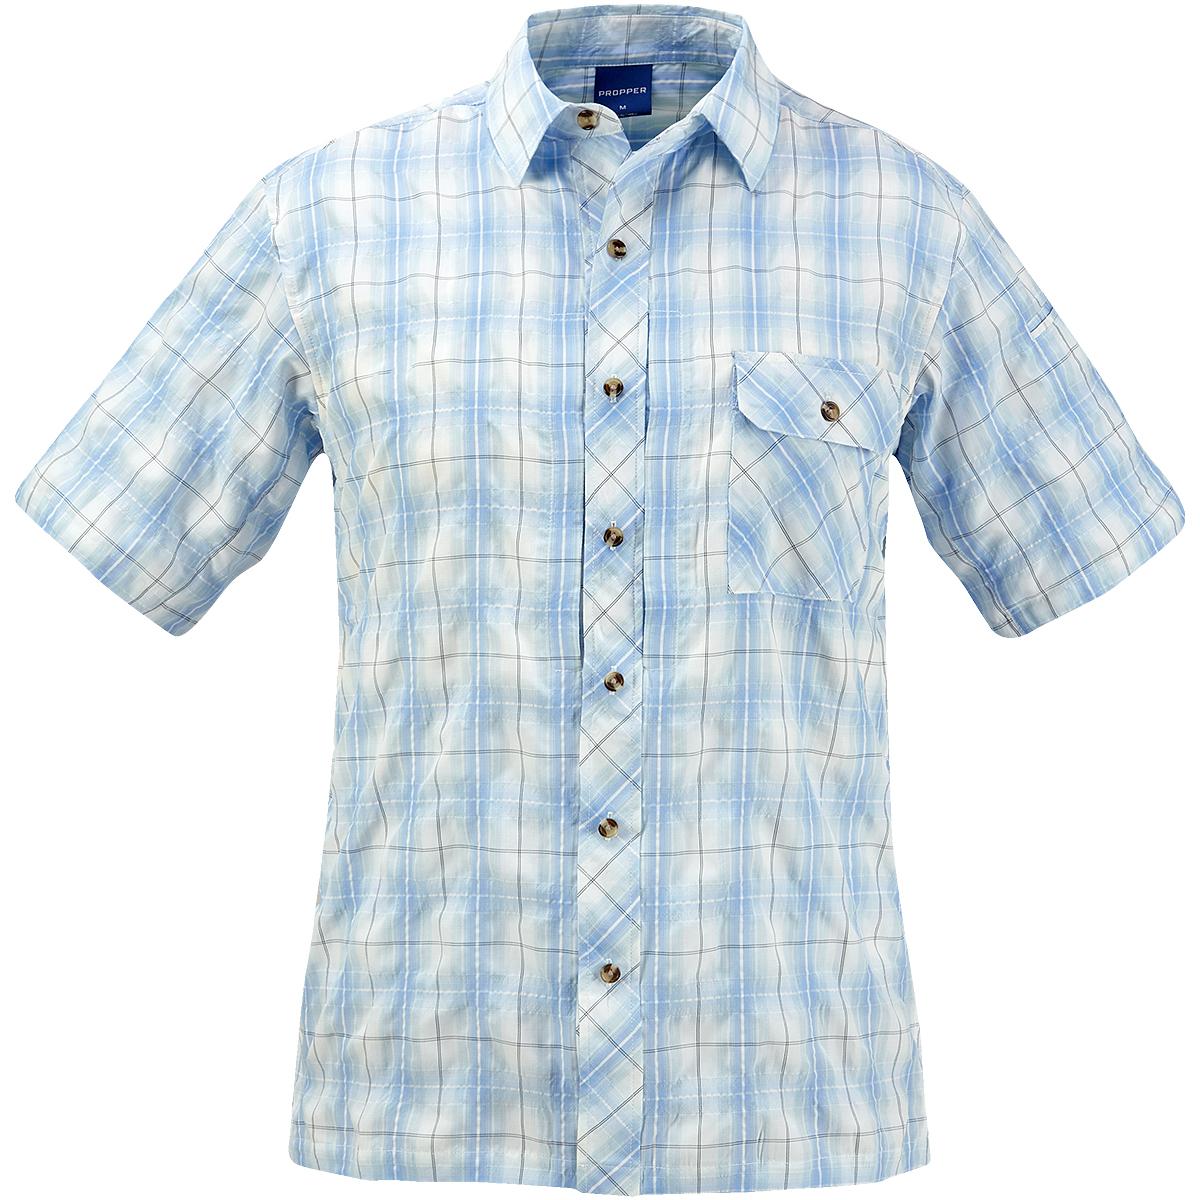 Propper-Covert-Button-Up-Corto-Manga-Camisa-Uniforme-Hombres-Azul-Claro-Tartan